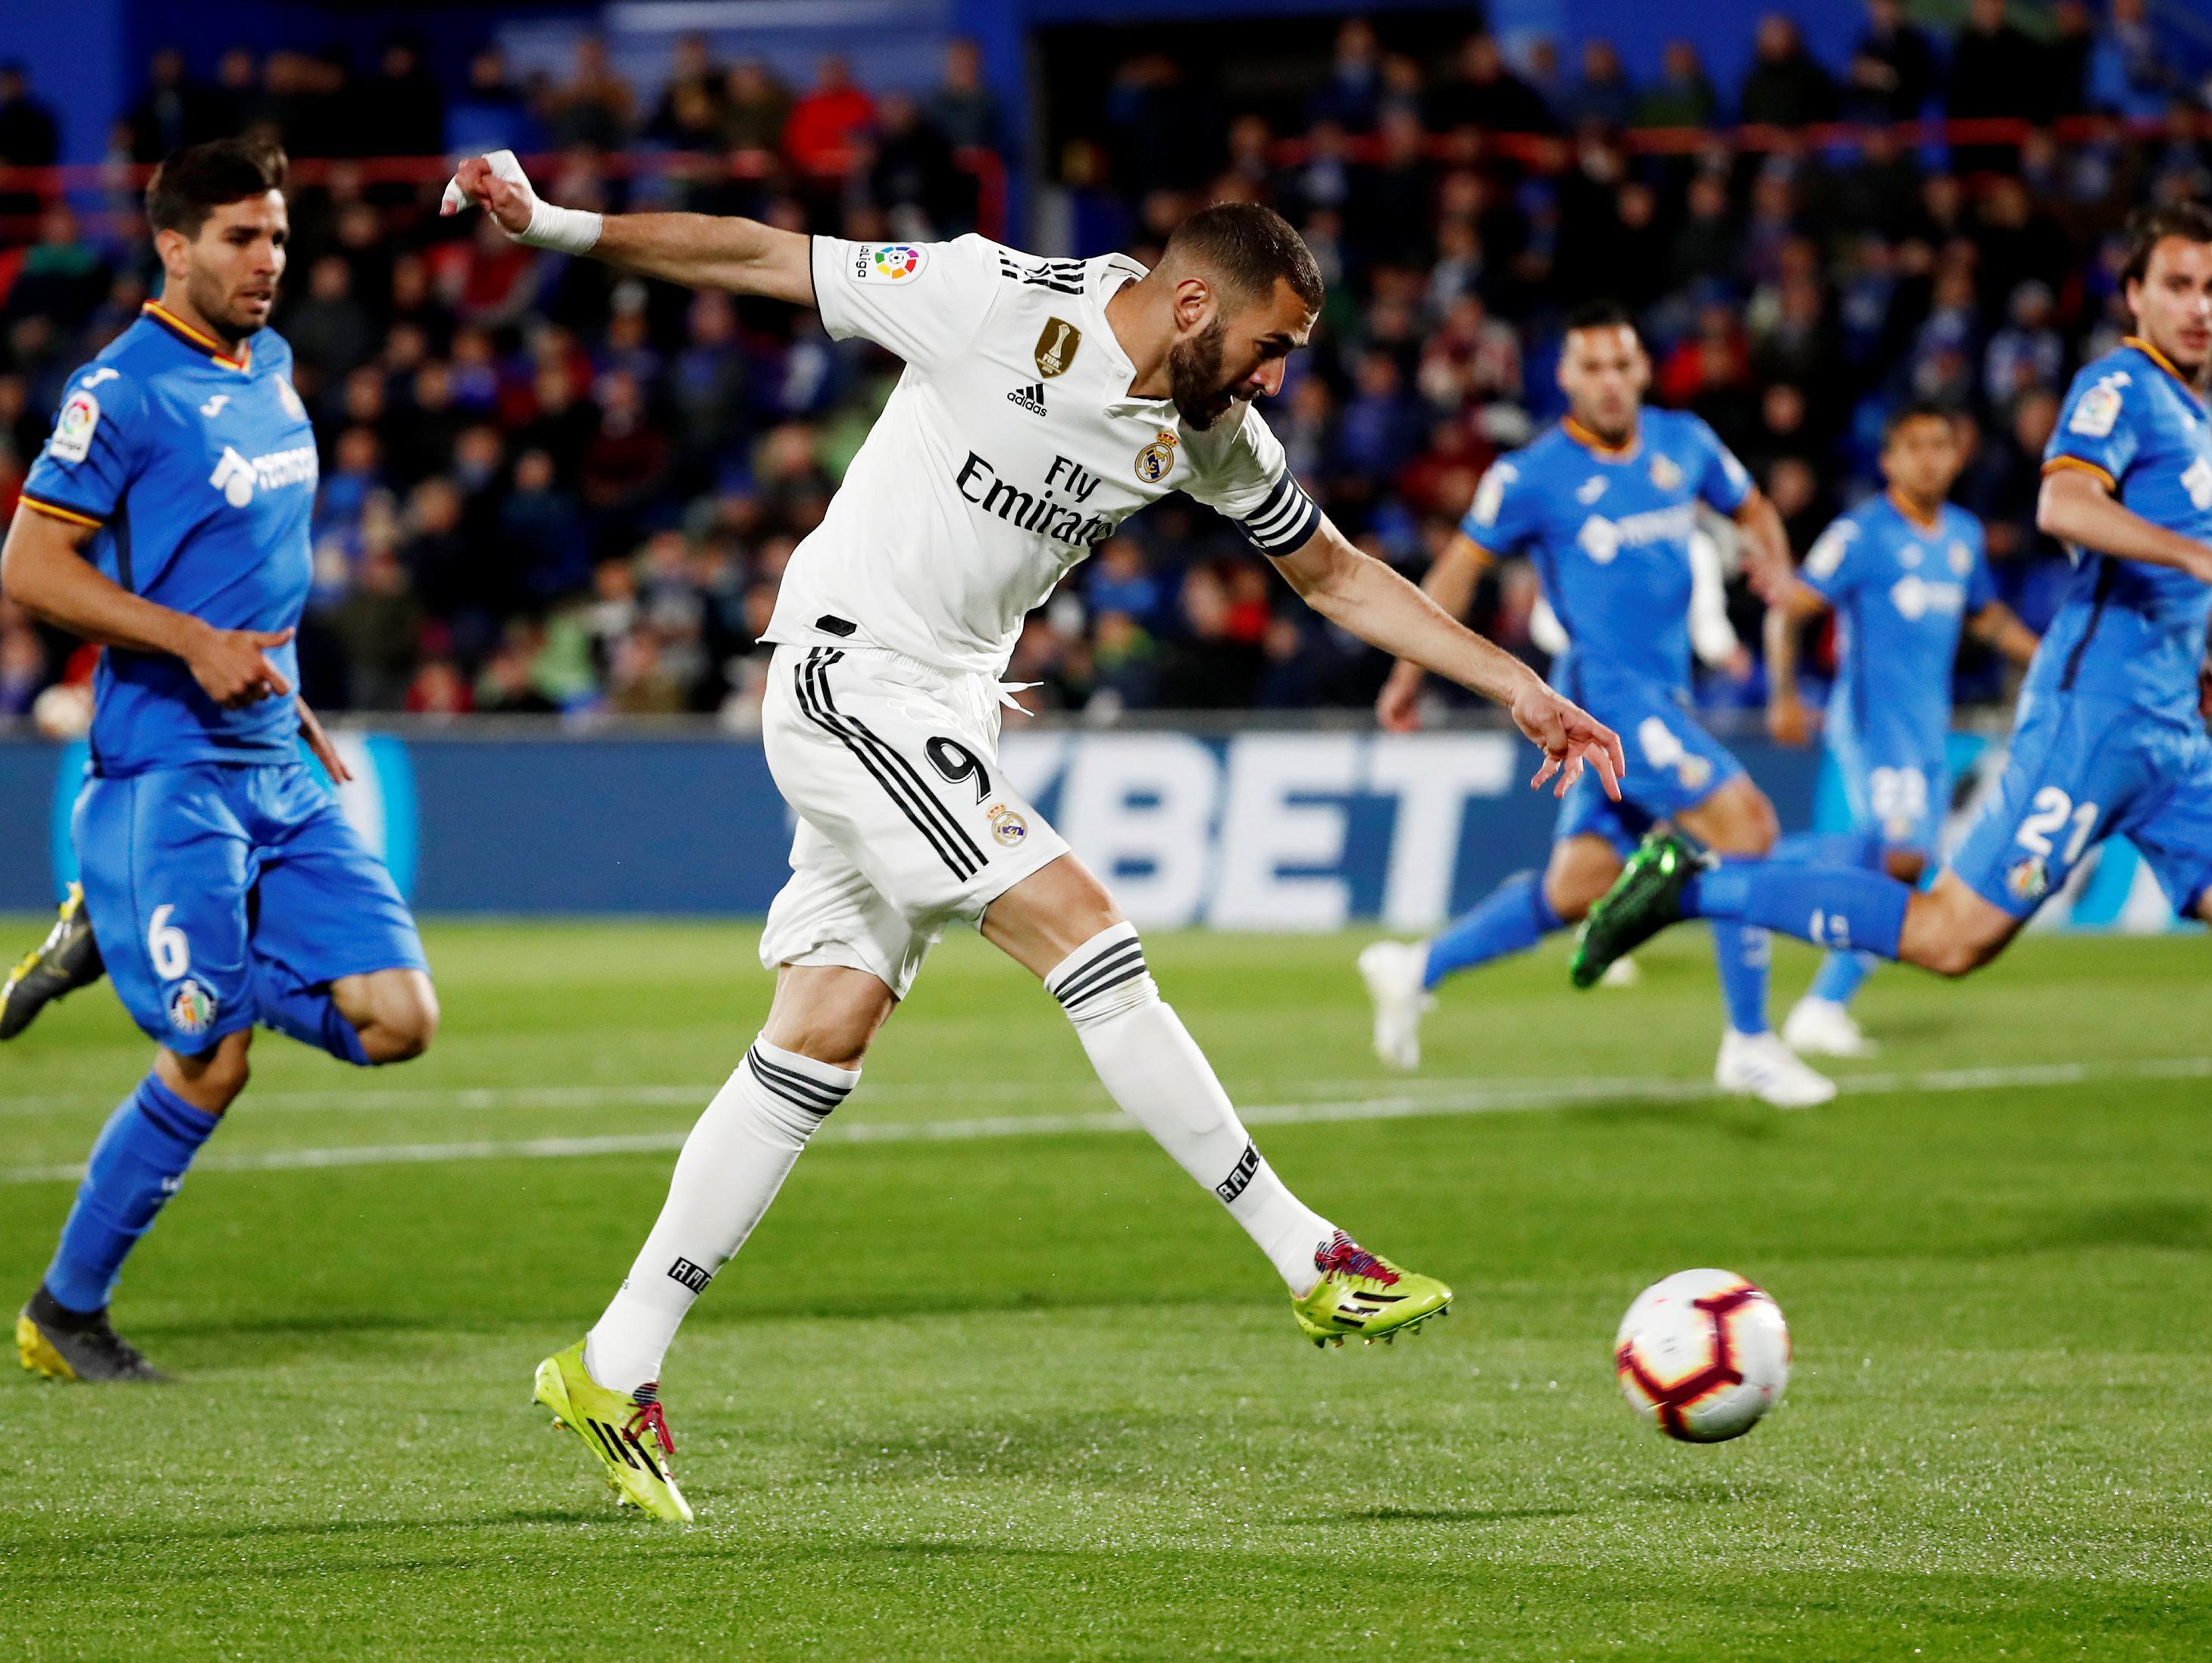 ספרד: חטאפה וריאל מדריד נפרדו ב-0:0 בינוני